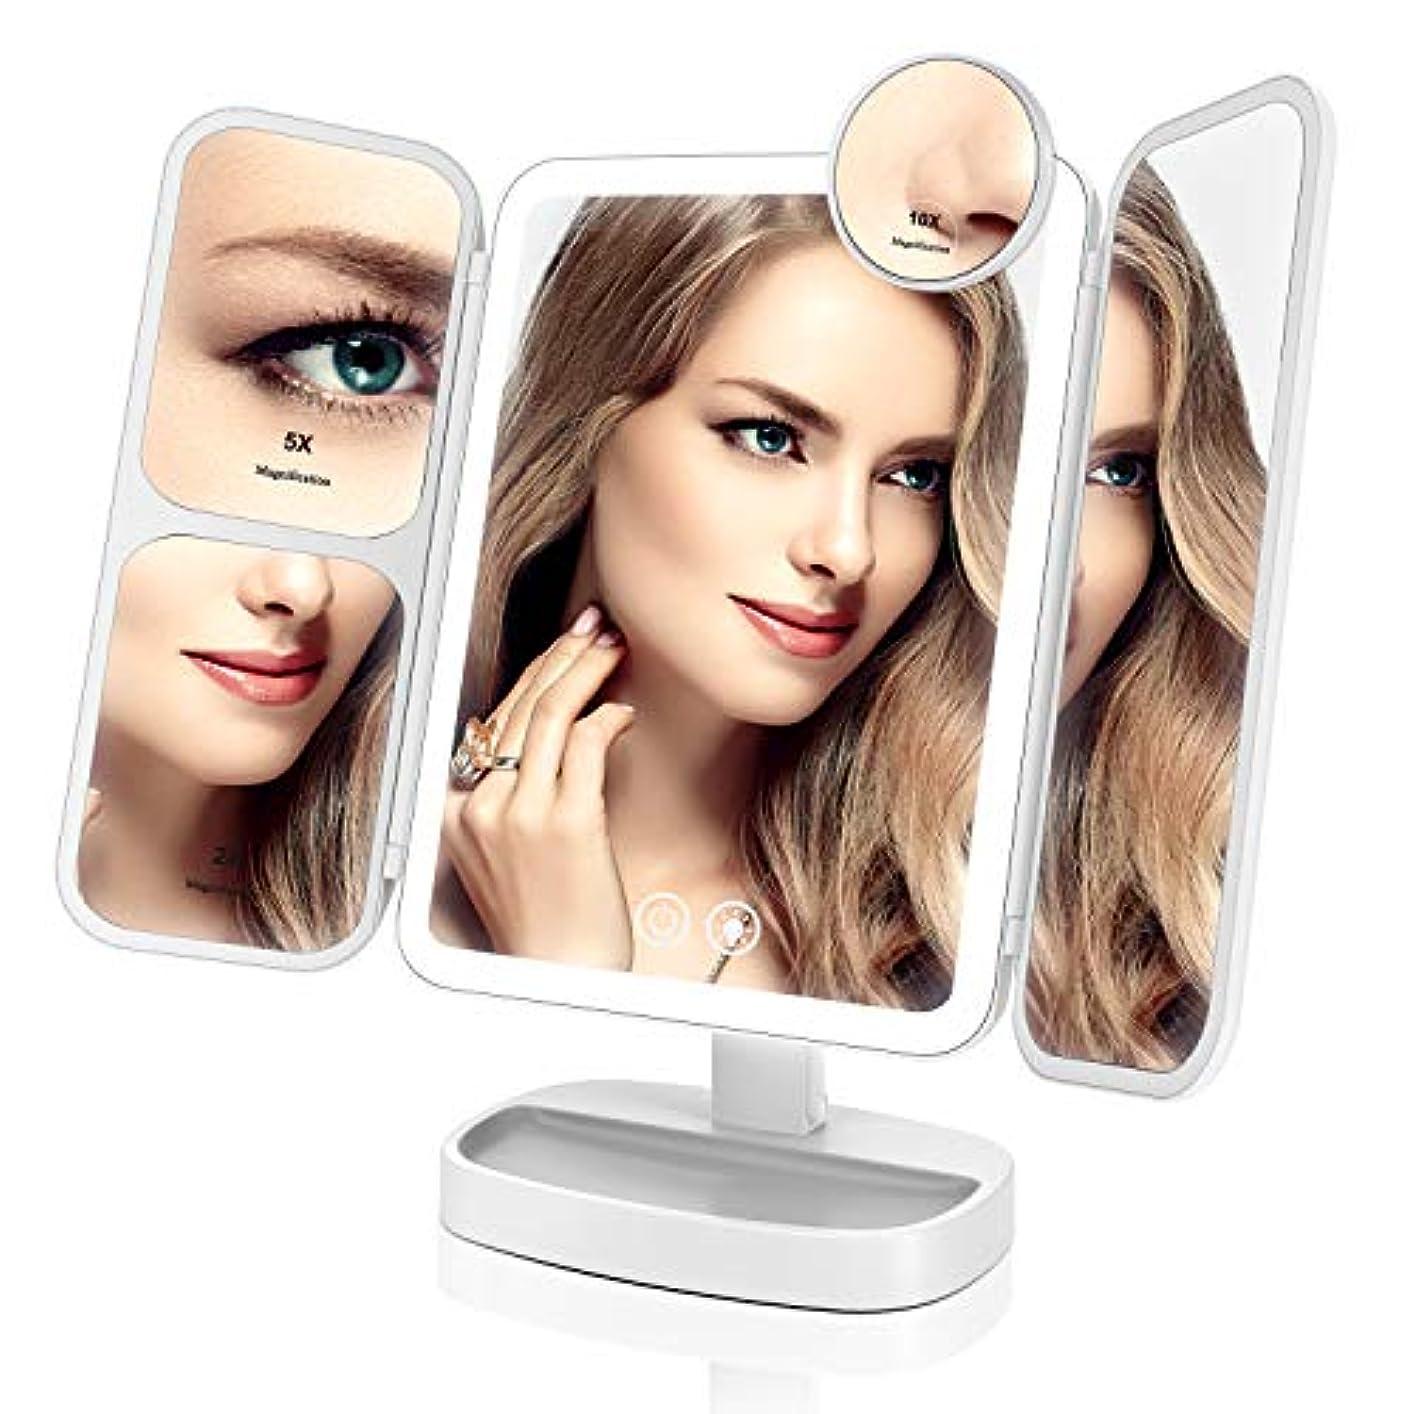 かもめおびえた順応性EASEHOLD 化粧鏡 化粧ミラー 卓上ミラー 鏡 LED付き 【最新バージョン】 リチウム電池 充電式 2&5&10倍拡大鏡付き 指タッチ 明るさ調節可能 プレゼント